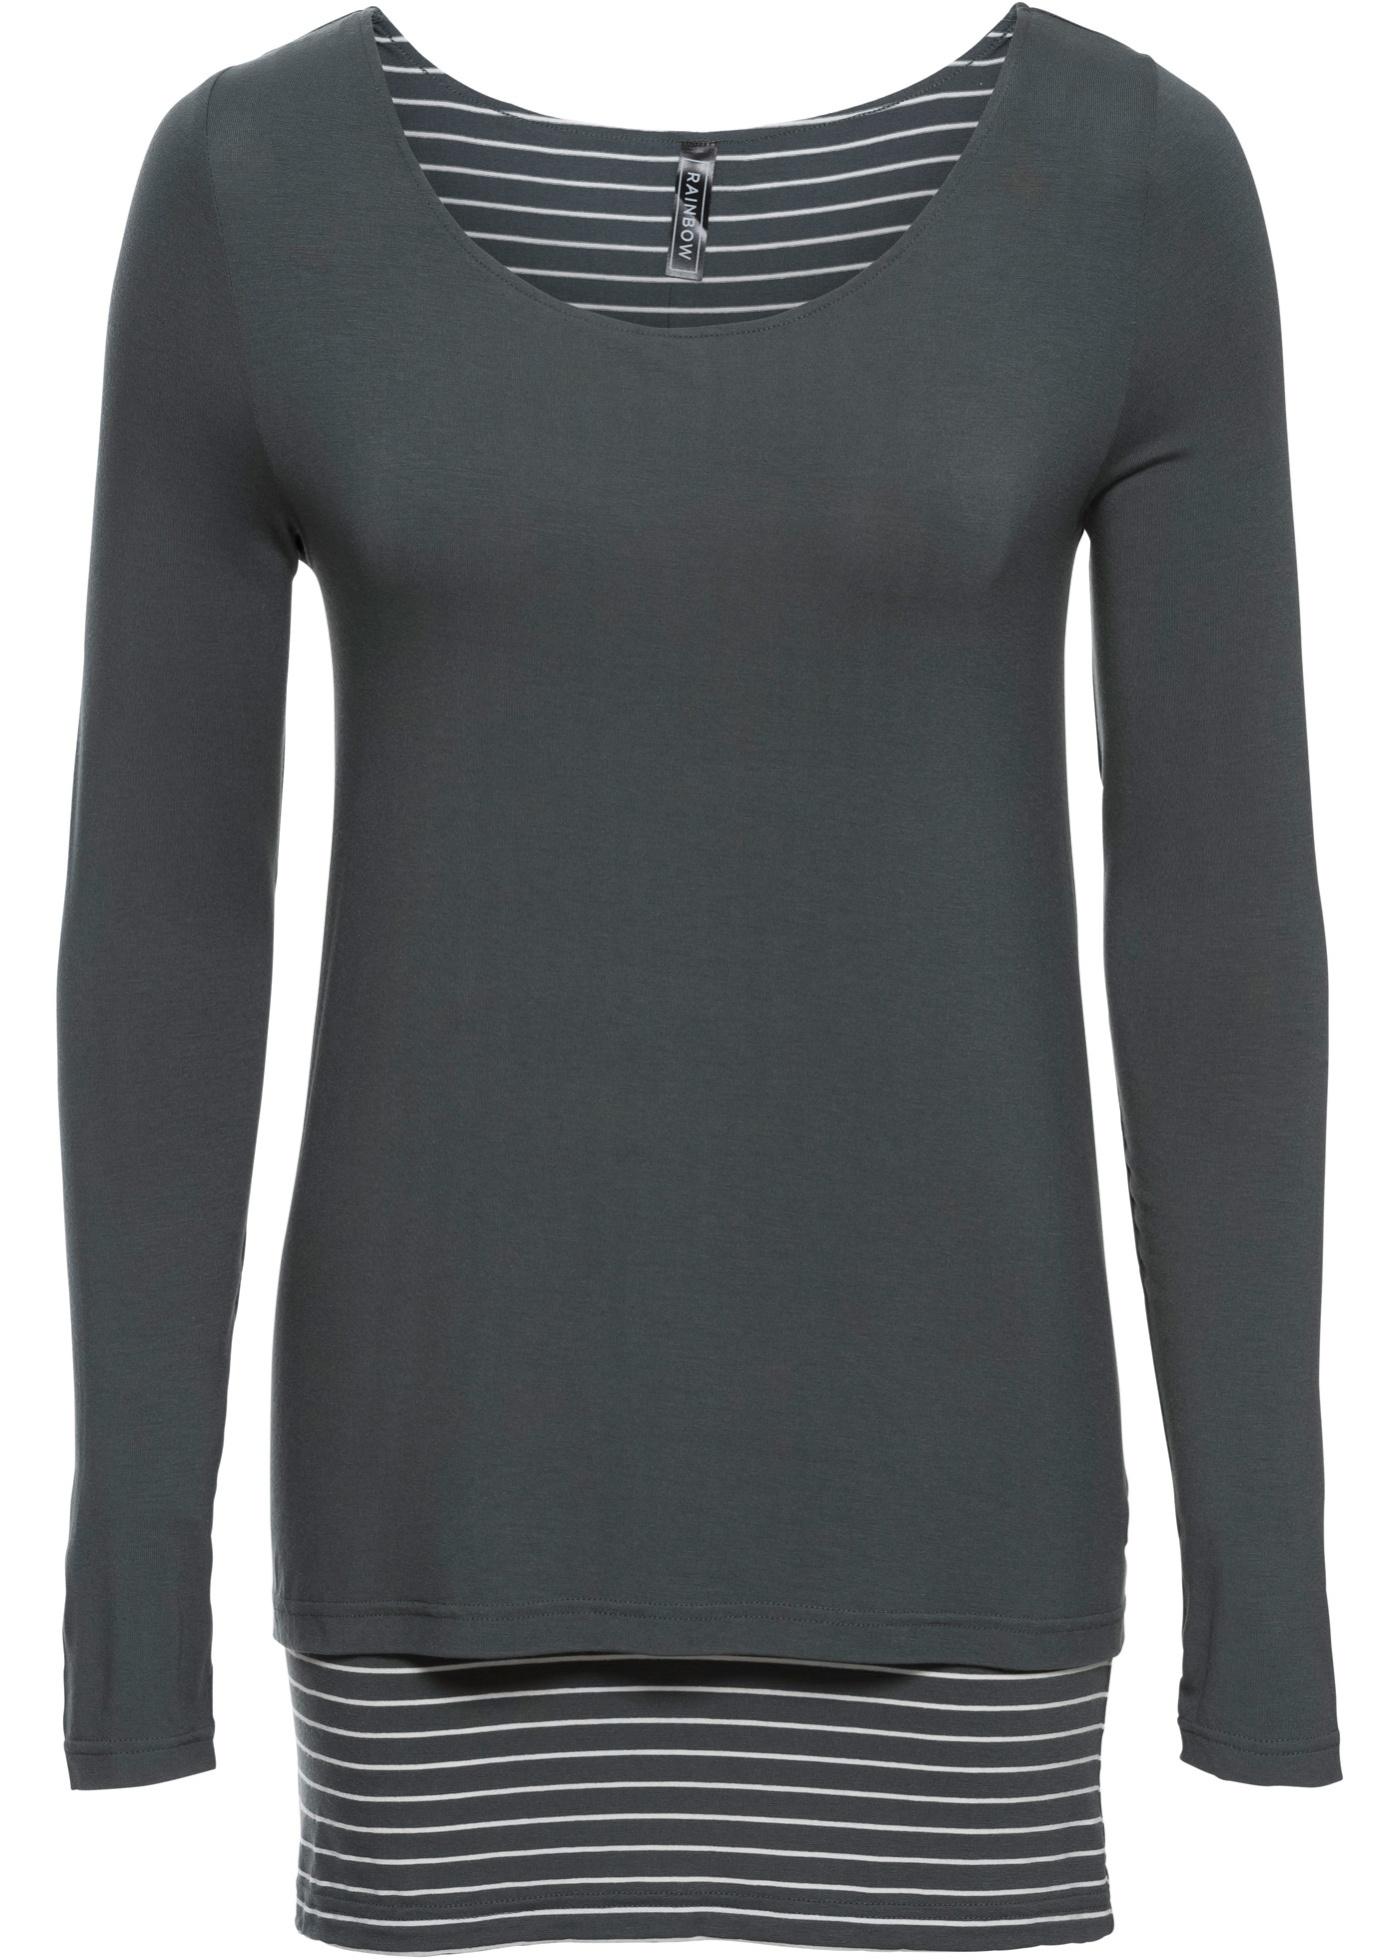 shirt Rainbow Longues Épaisseur Vert Femme Manches Double Pour BonprixT Nn0wm8